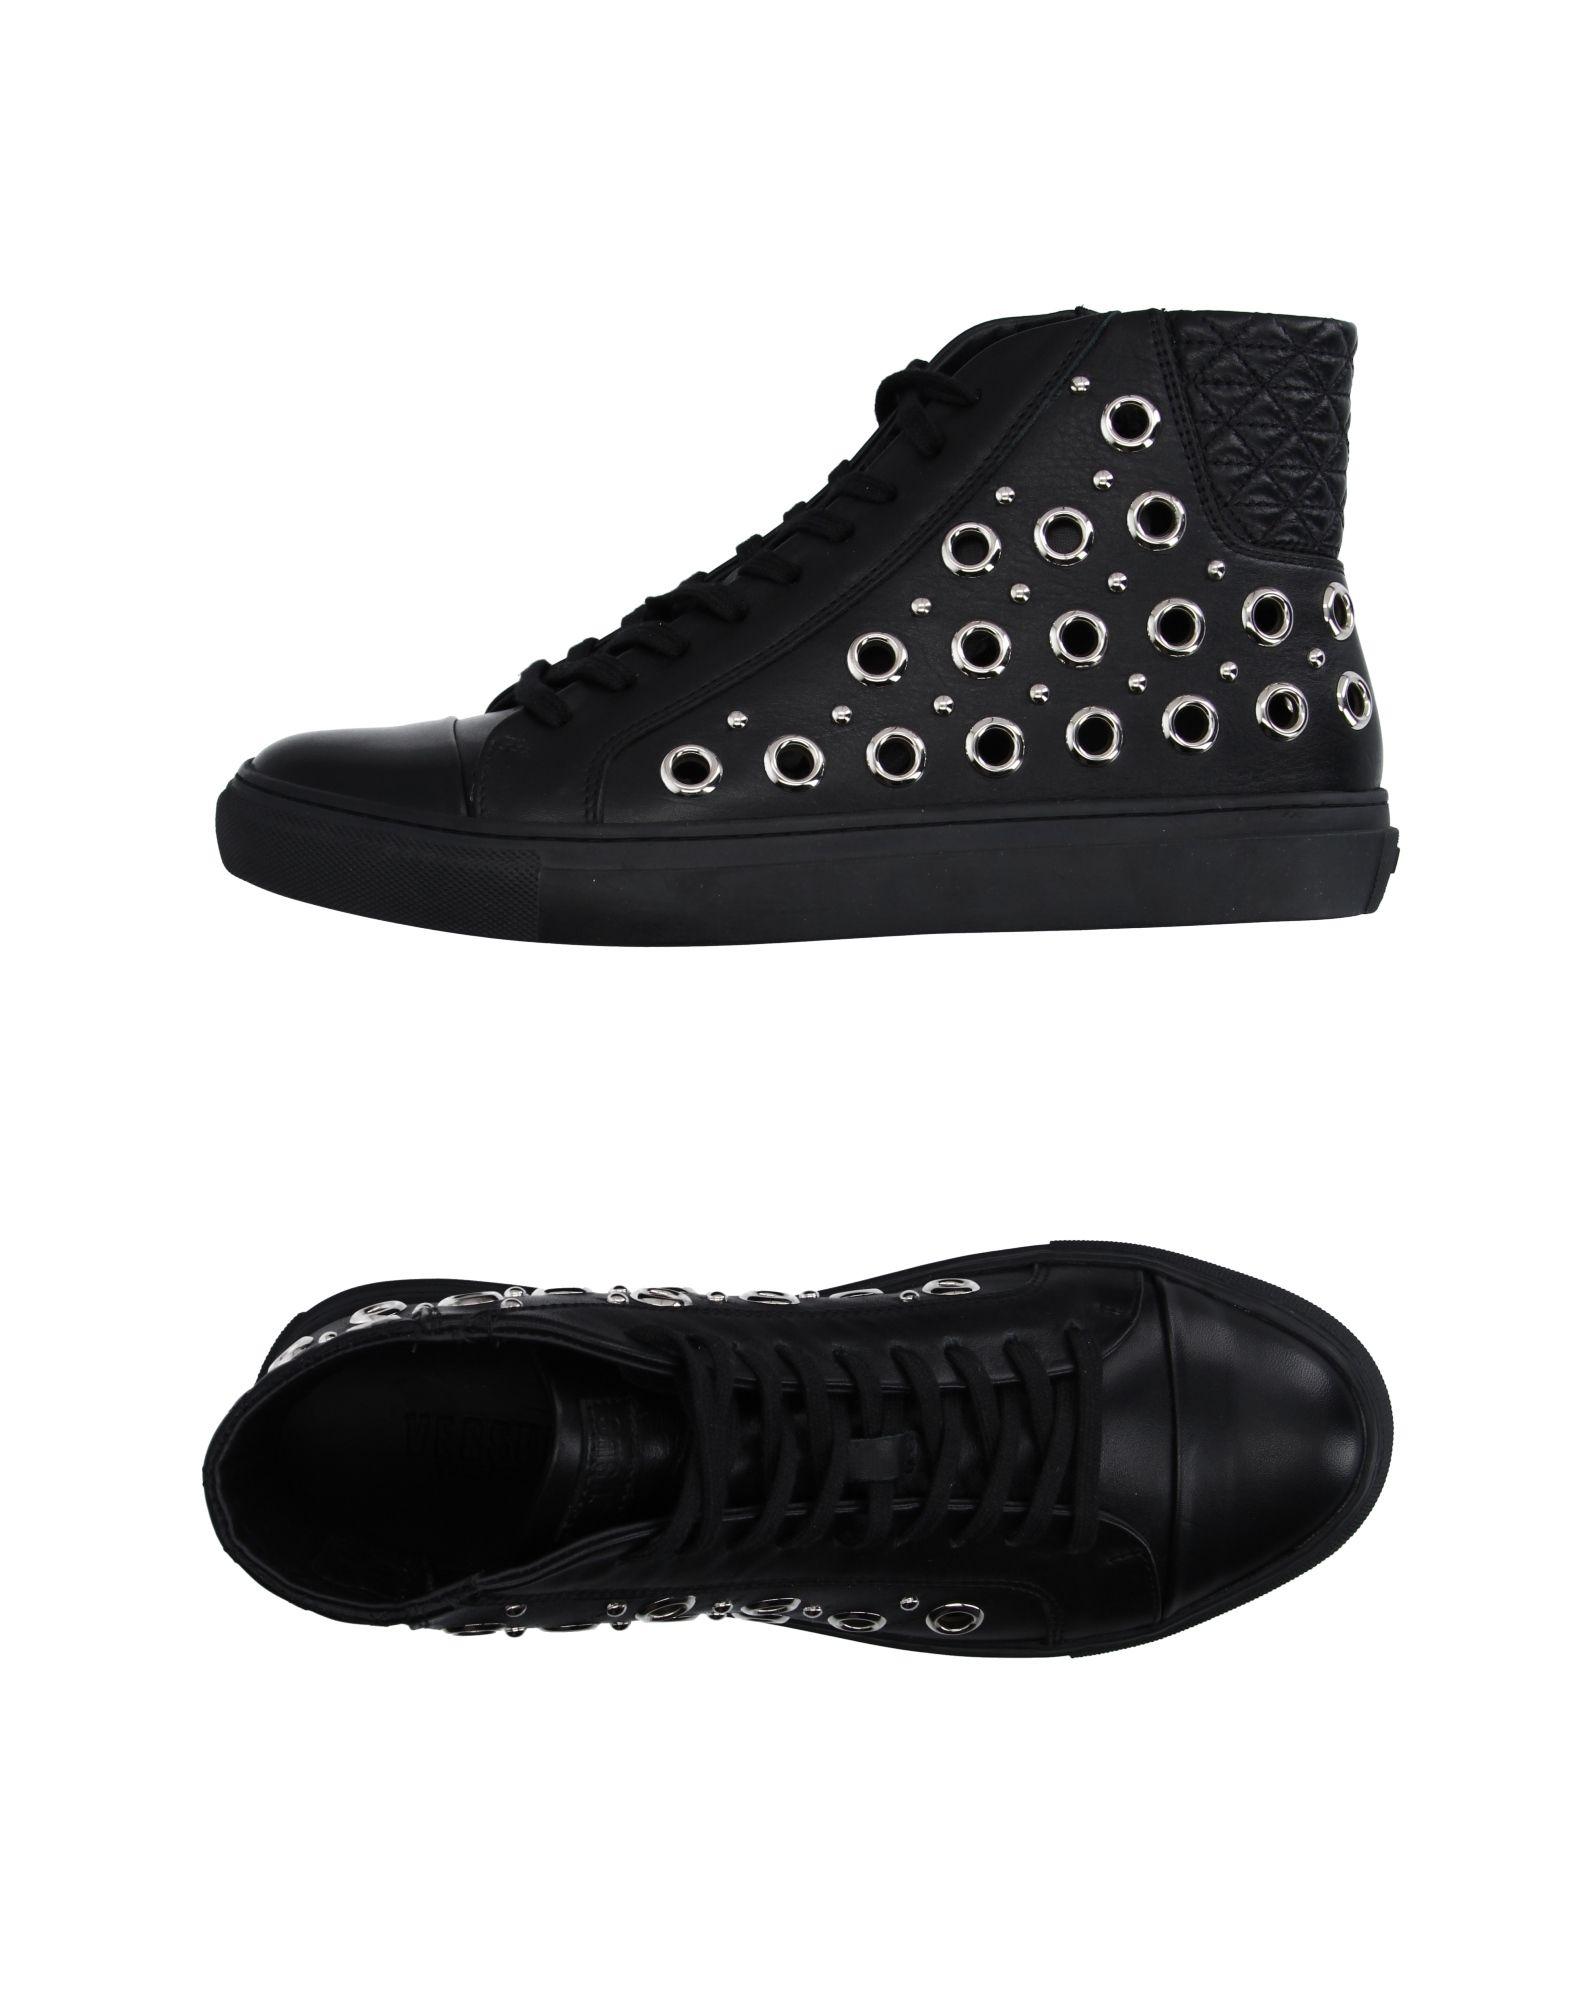 Versus Versace Sneakers - Men Versus Versace United Sneakers online on  United Versace Kingdom - 11124453TQ 3e780b